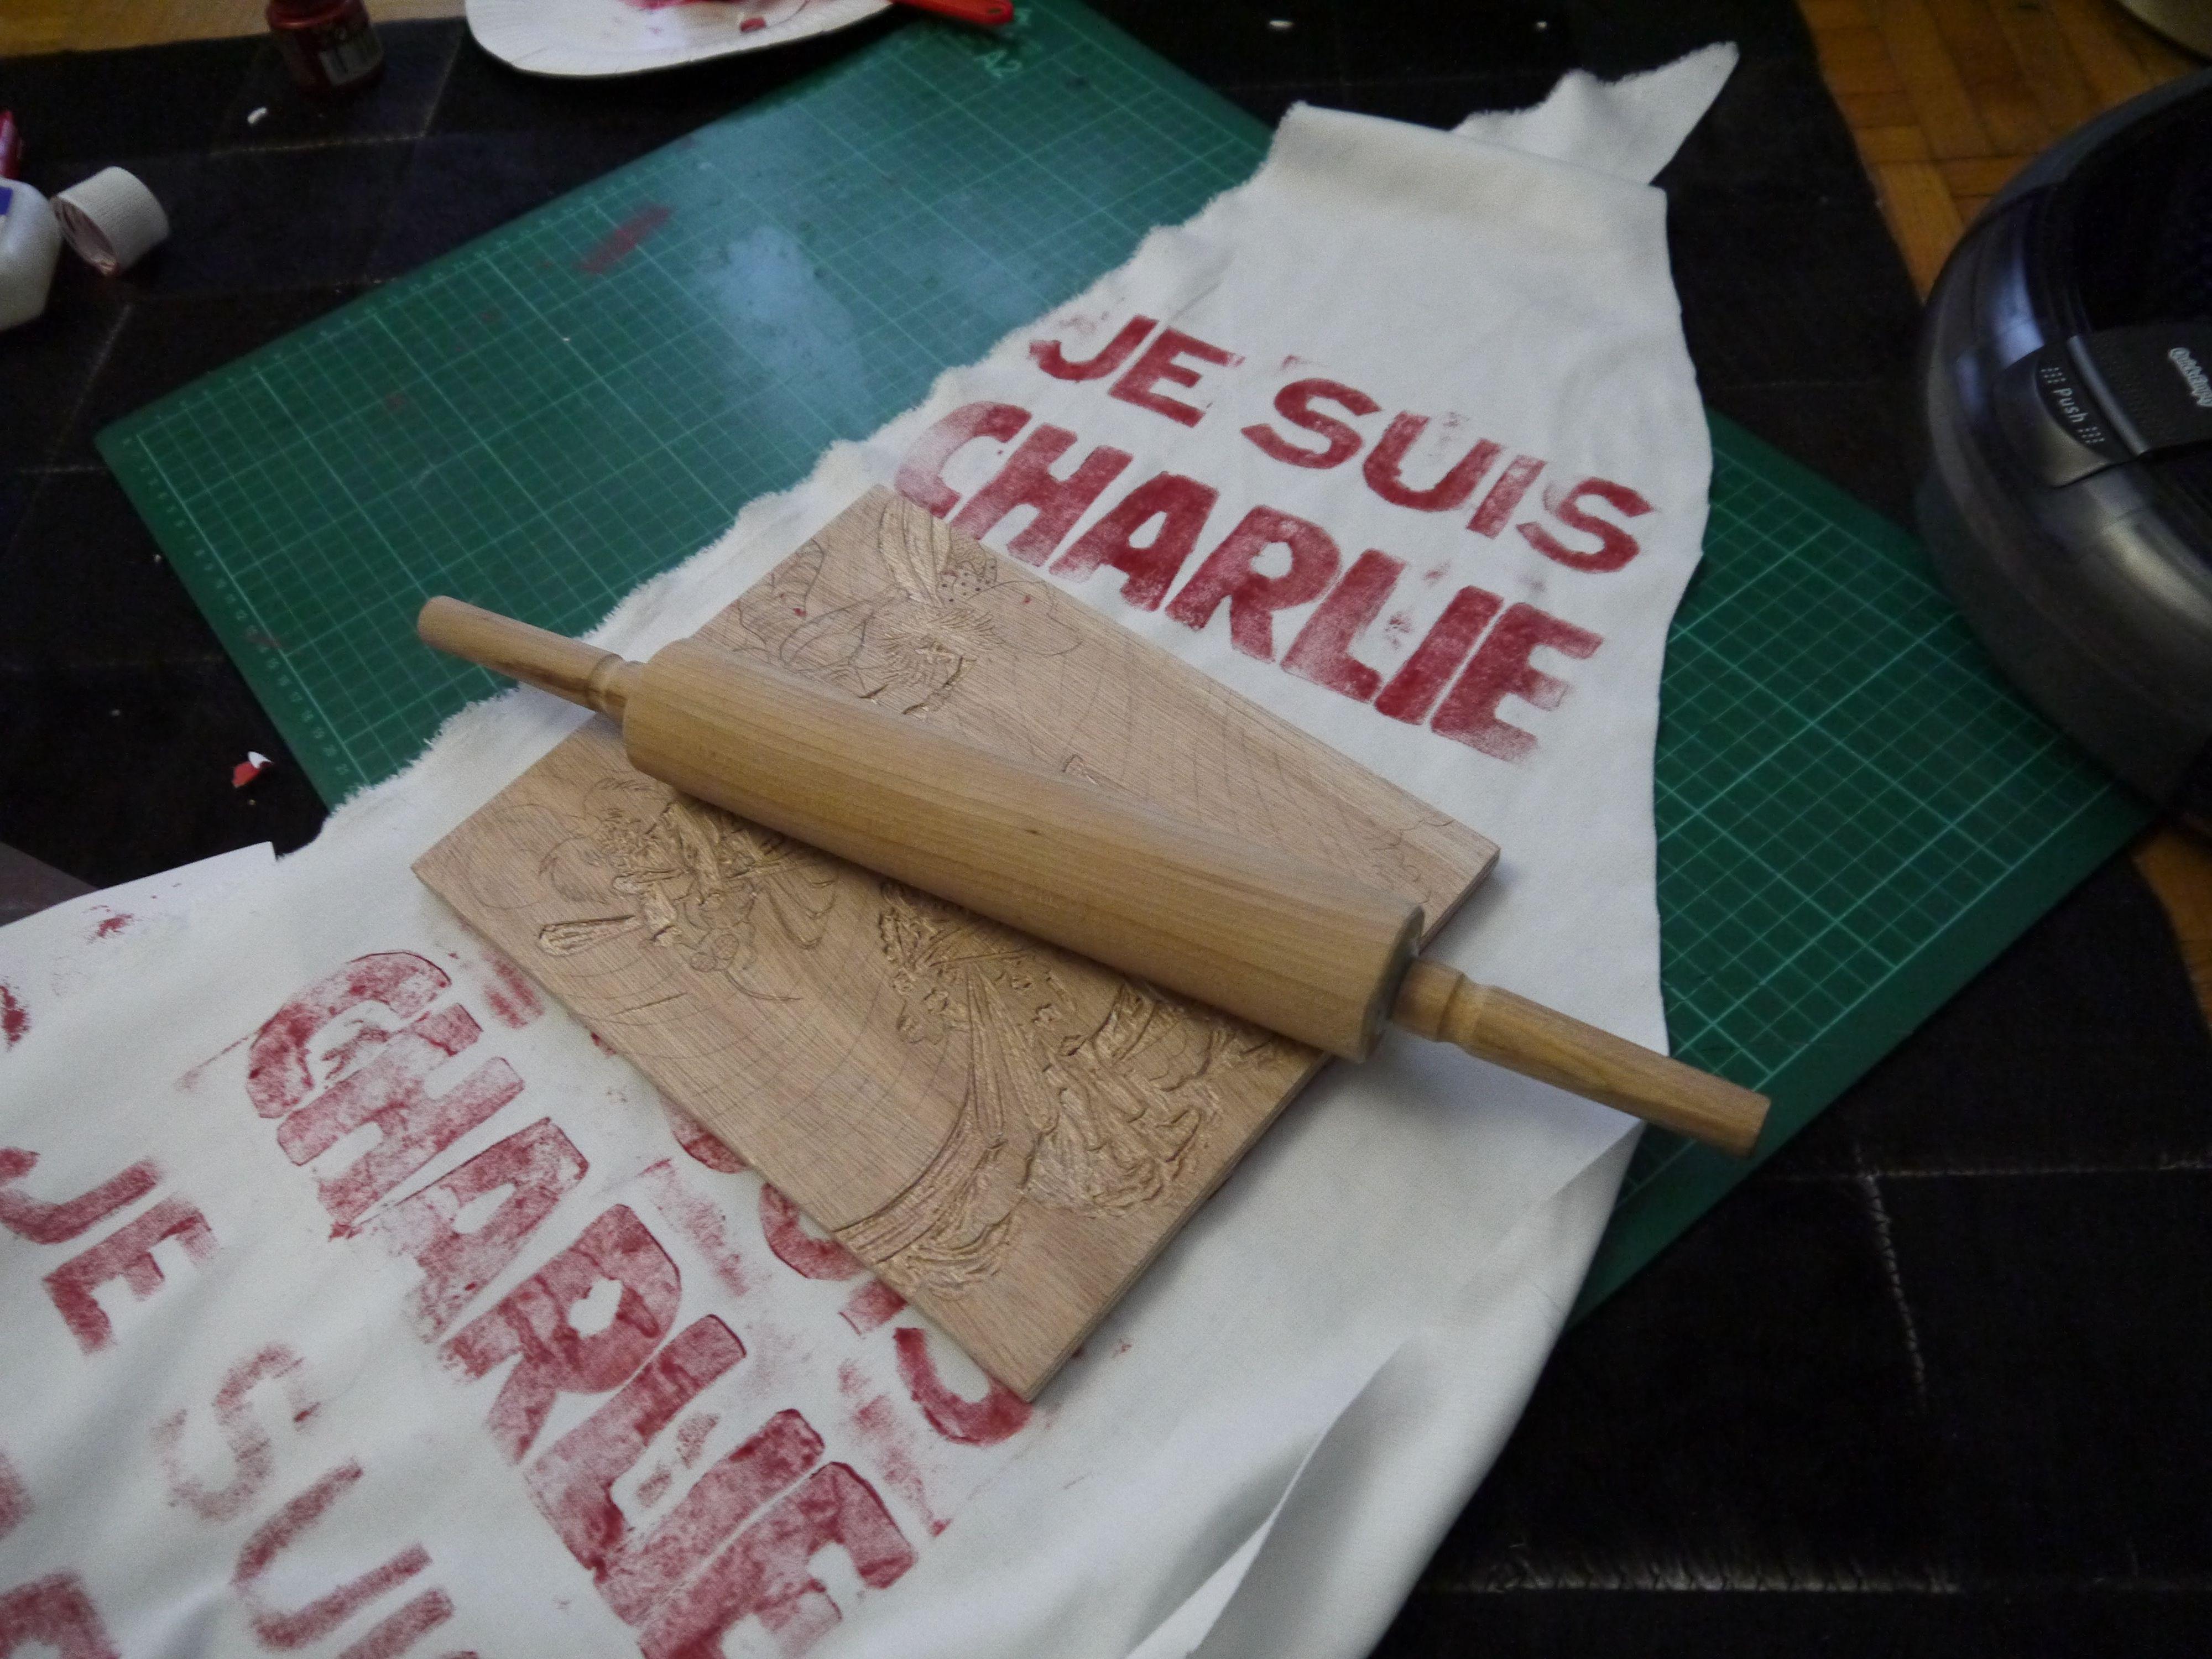 imprimer une photo sur tee shirt white shirt cubanisto le blog de creer v tement personnalis. Black Bedroom Furniture Sets. Home Design Ideas